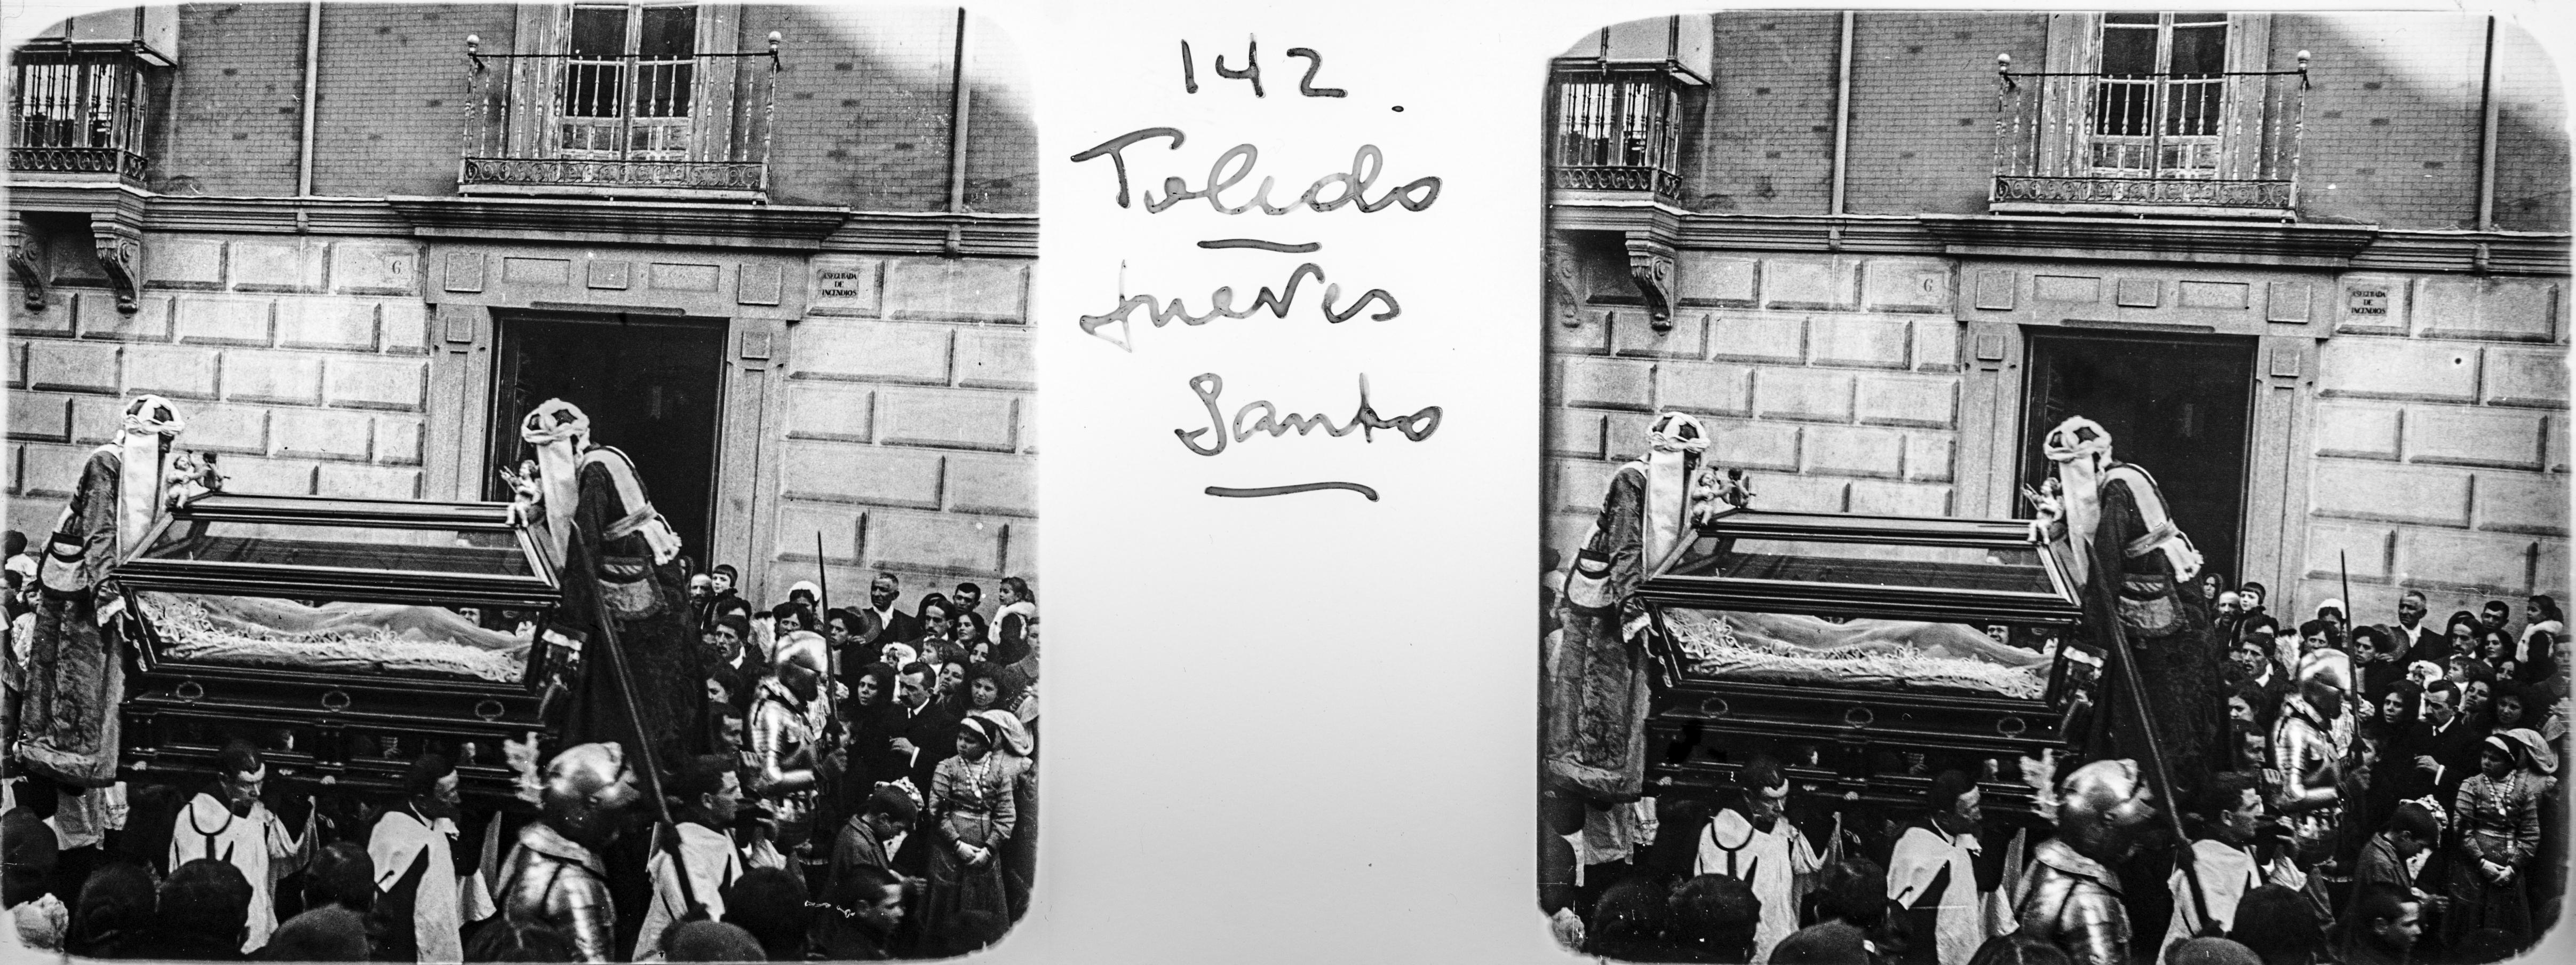 Santo Sepulcro en una Procesión de Semana Santa hacia 1910, Plaza de San Vicente. Fotografía de Francisco Rodríguez Avial © Herederos de Francisco Rodríguez Avial